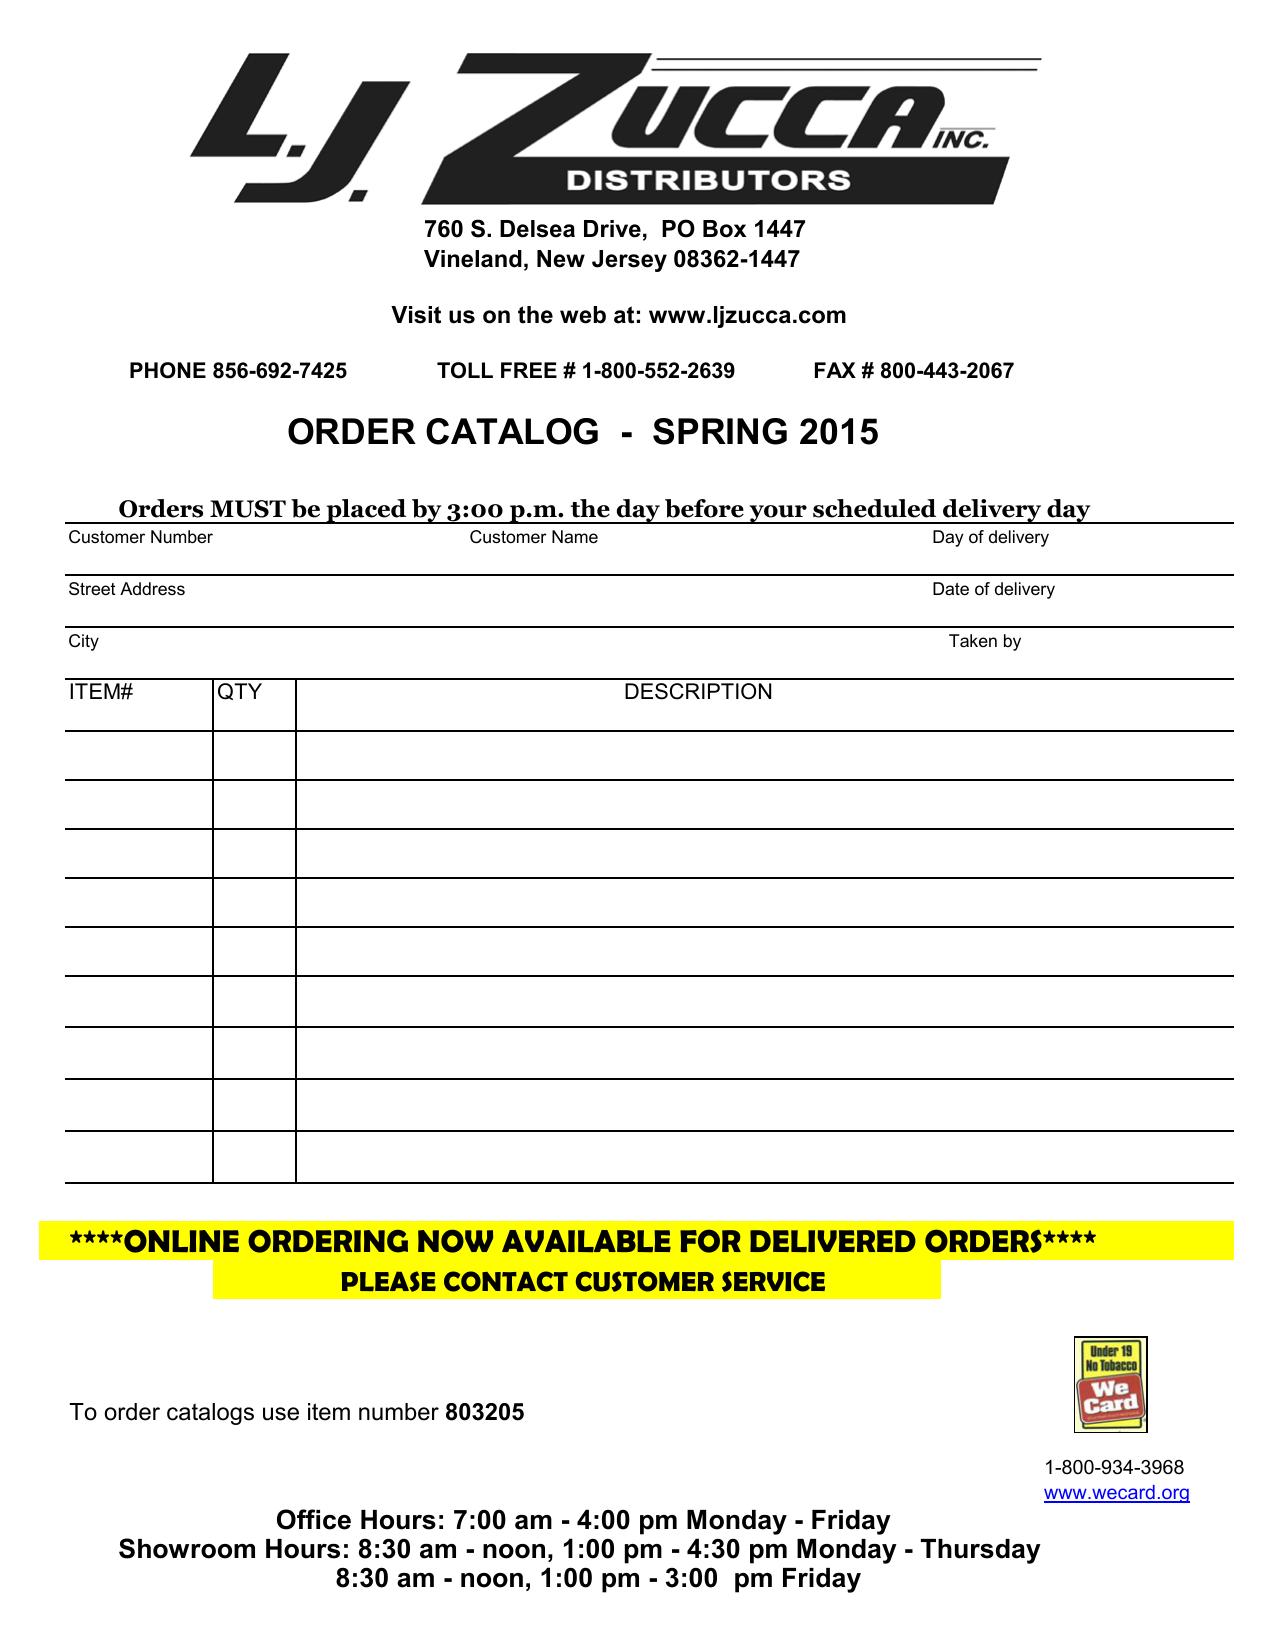 49bee6e1f52 order catalog - spring 2015 | manualzz.com